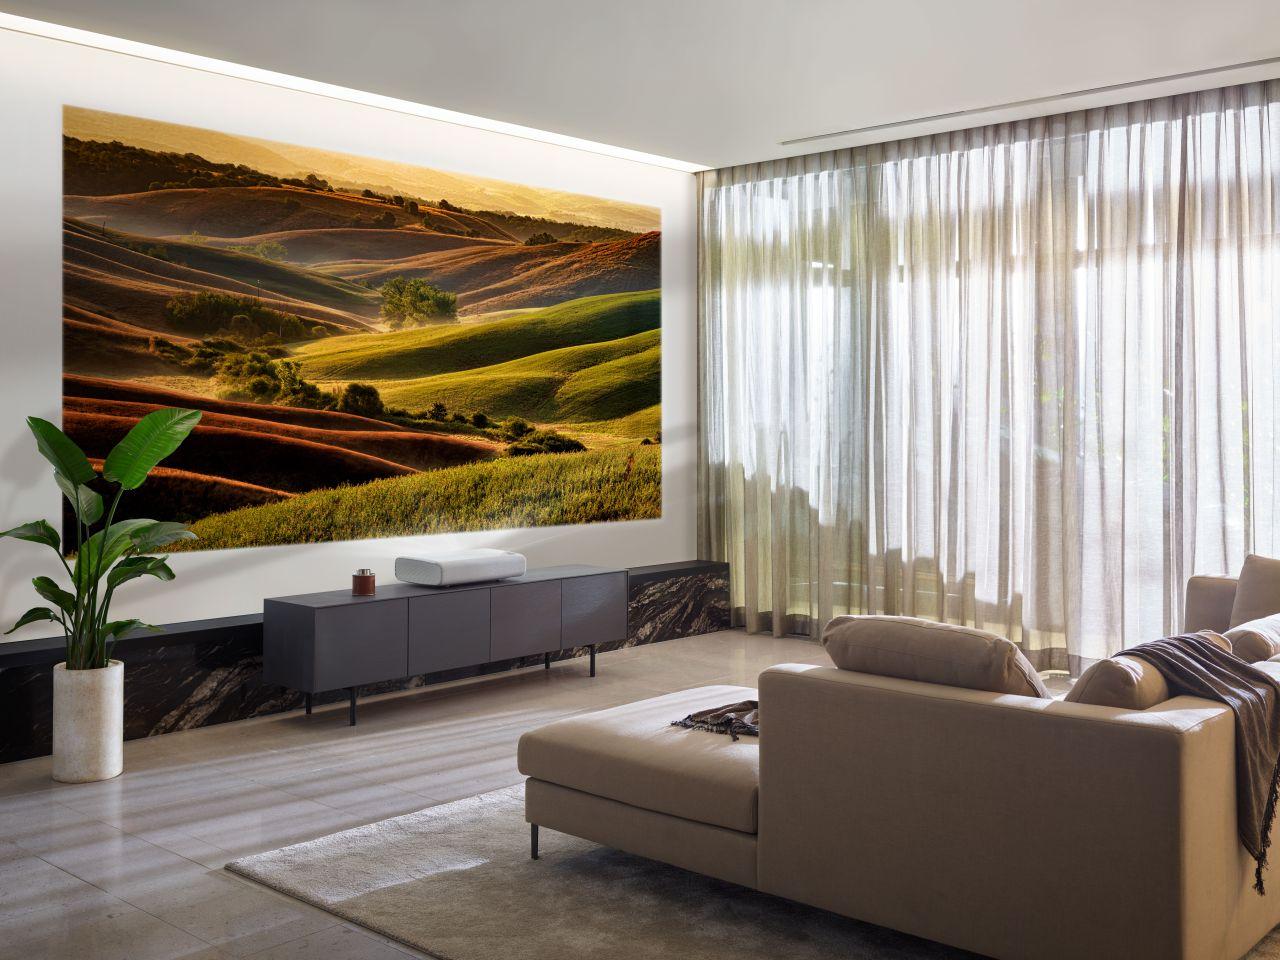 Projektor The Premiere i telewizor The Terrace debiutują na polskim rynku